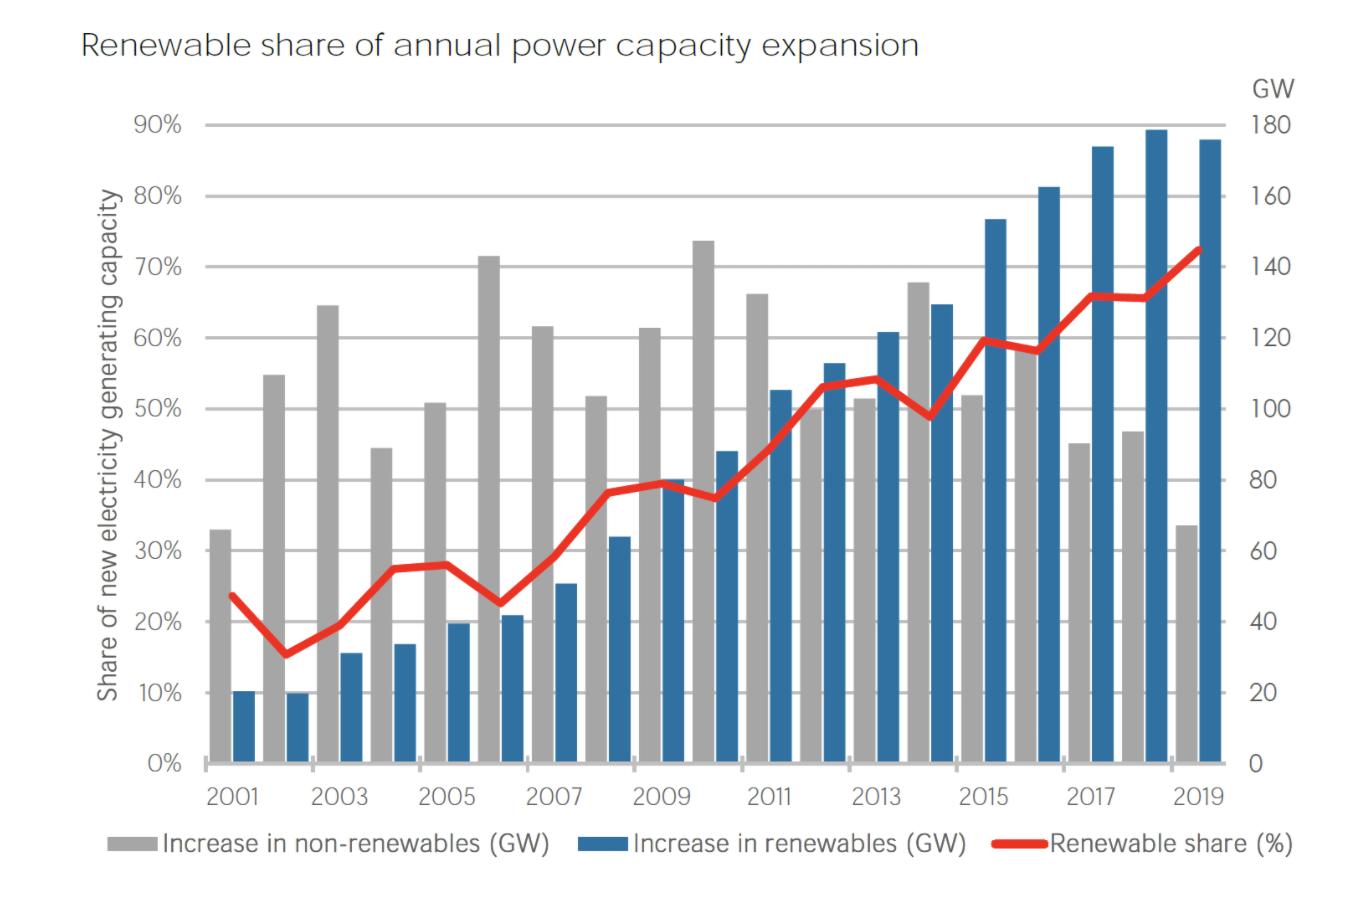 Figura 1: Adiciones anuales de capacidad renovable